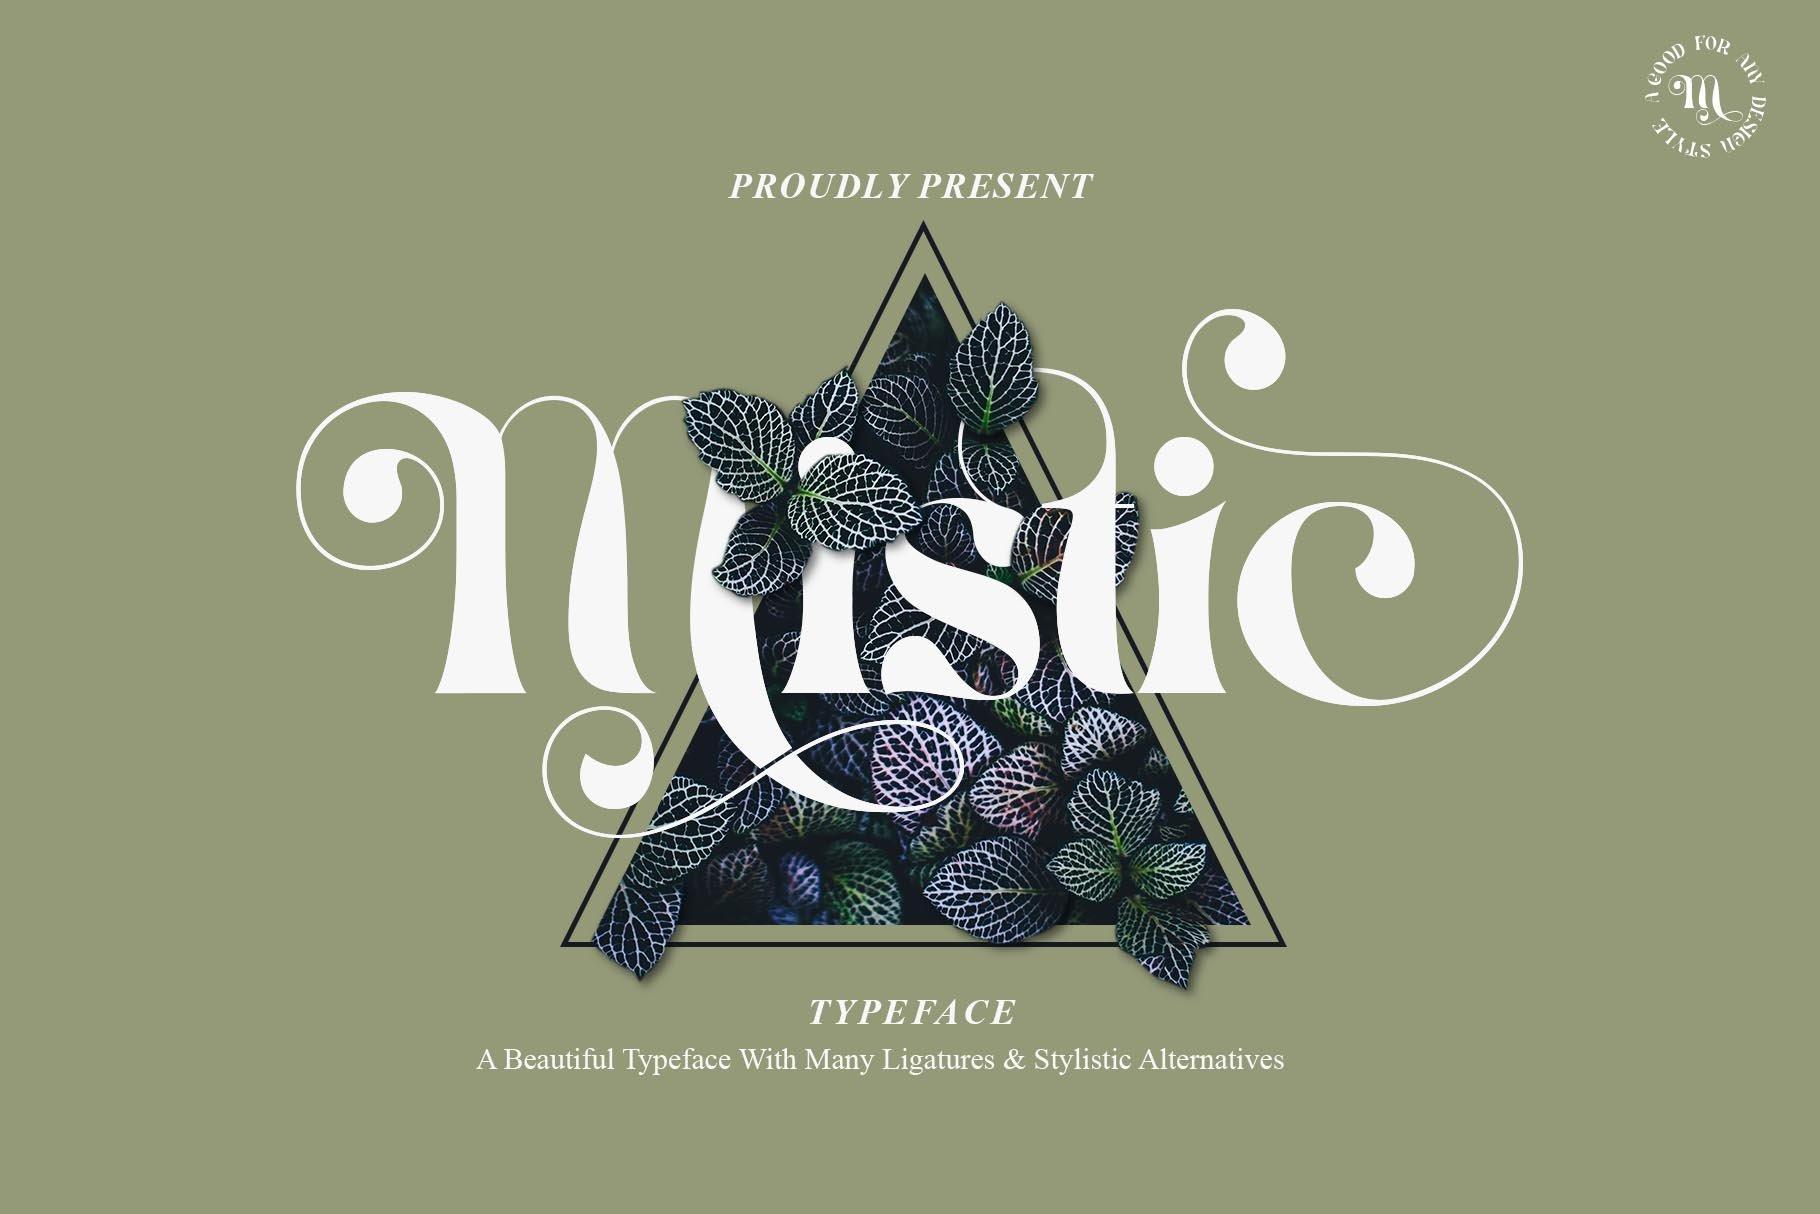 现代优雅杂志海报标题Logo设计衬线英文字体素材 Mistic Typeface插图